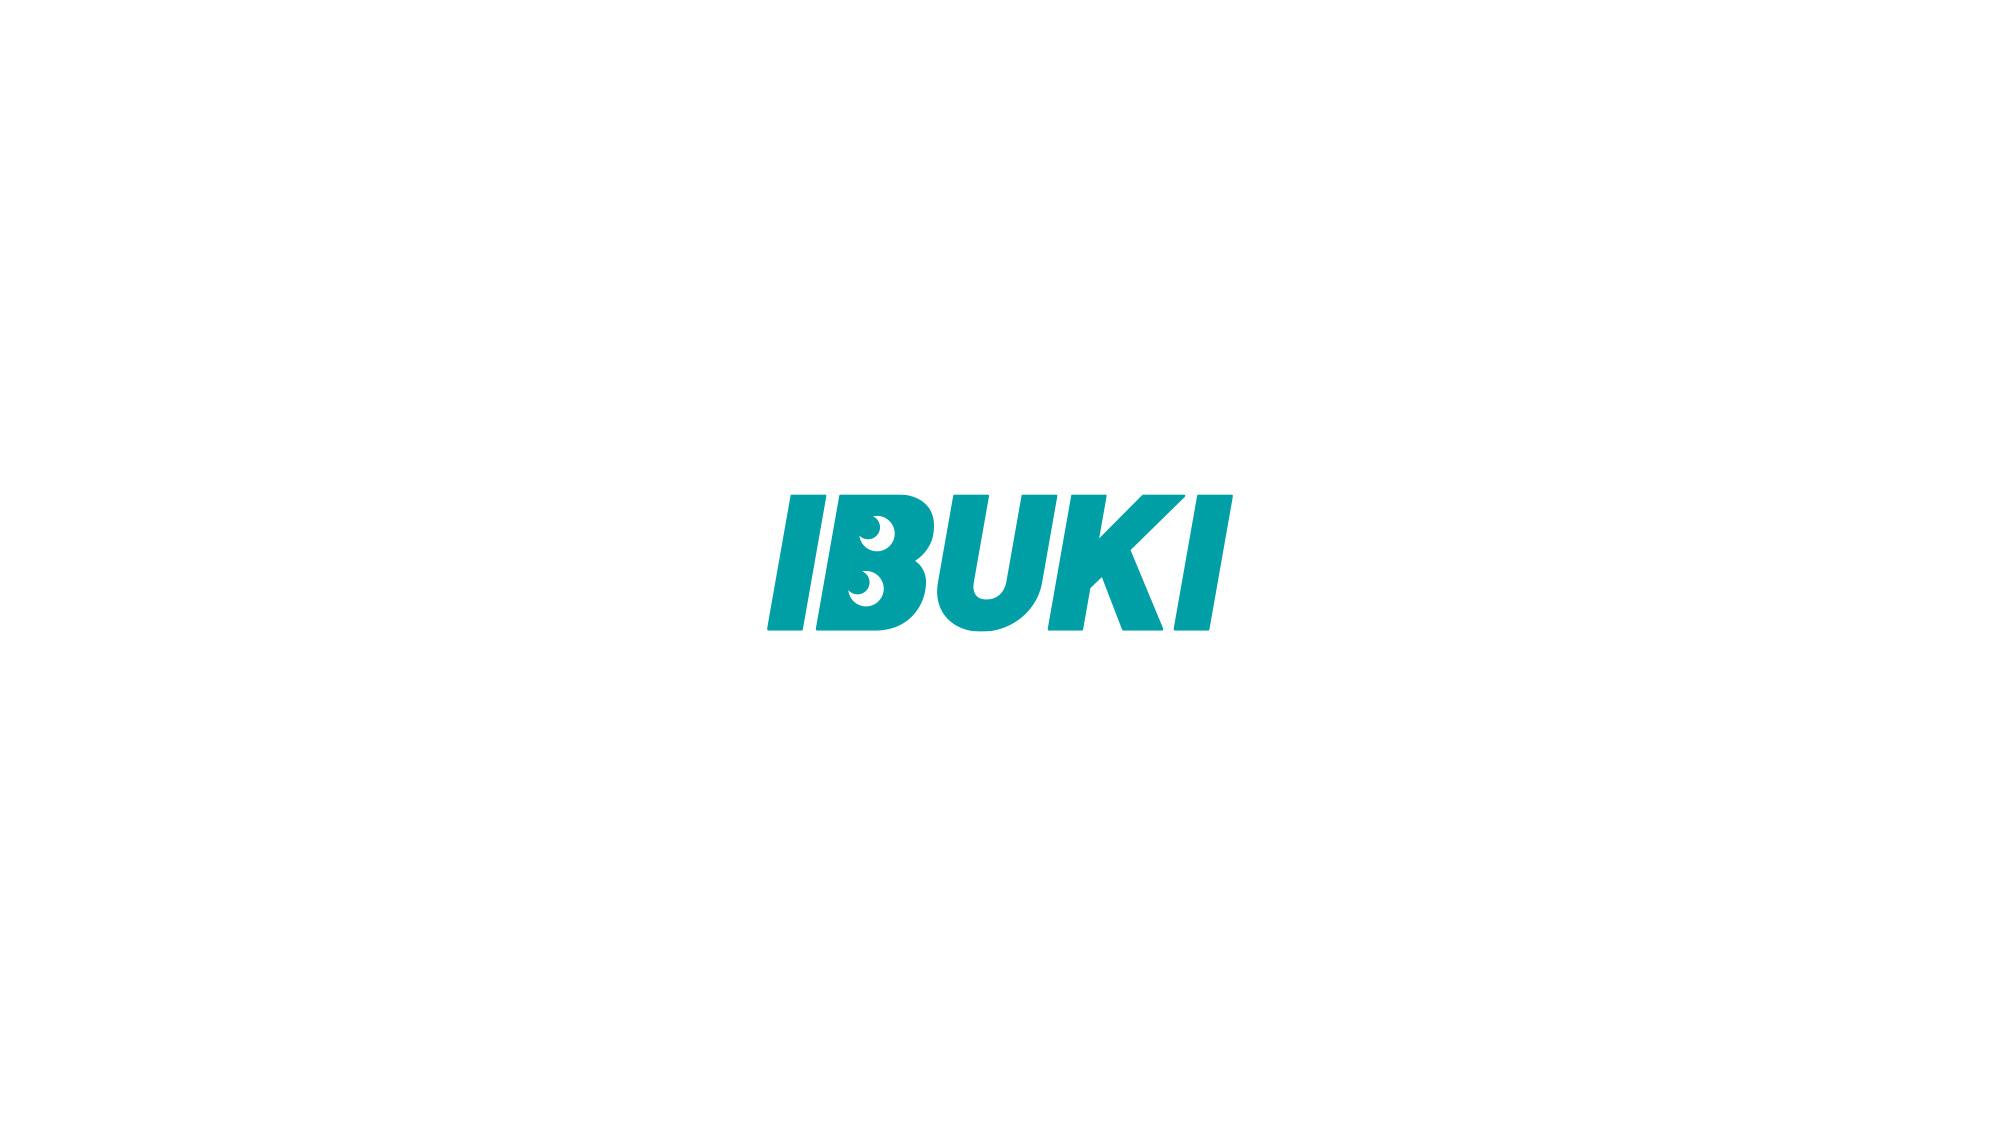 ibuki_003